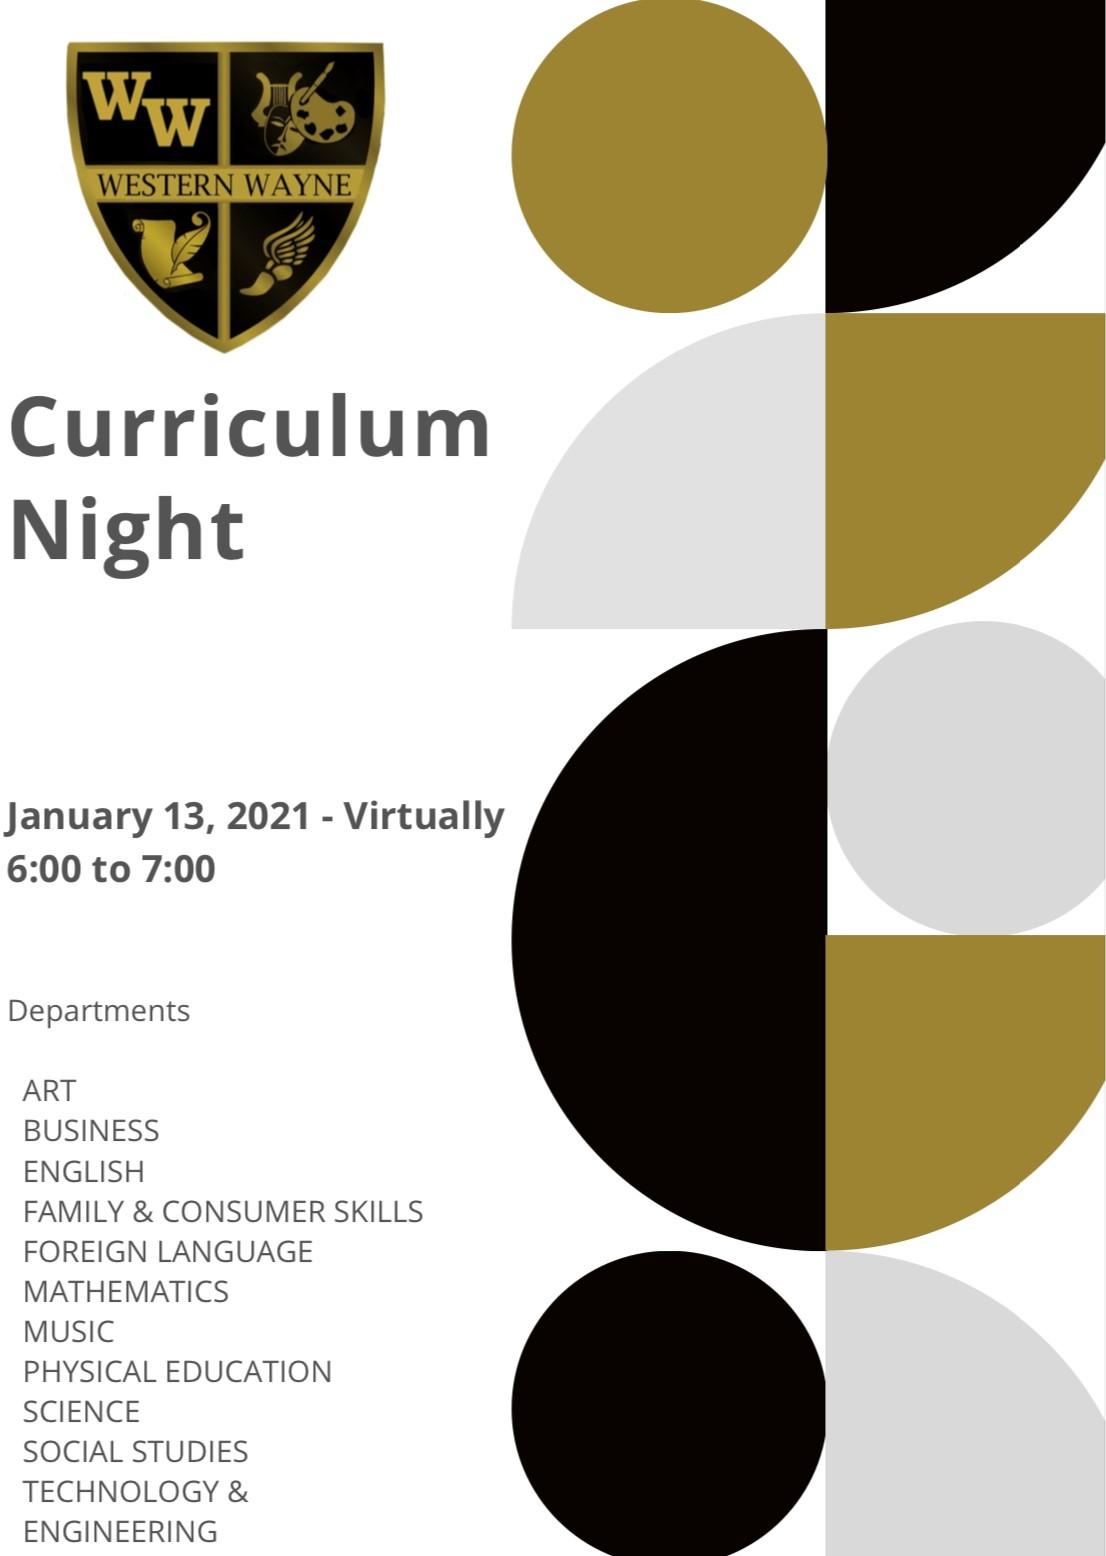 Curriculum Night 2021